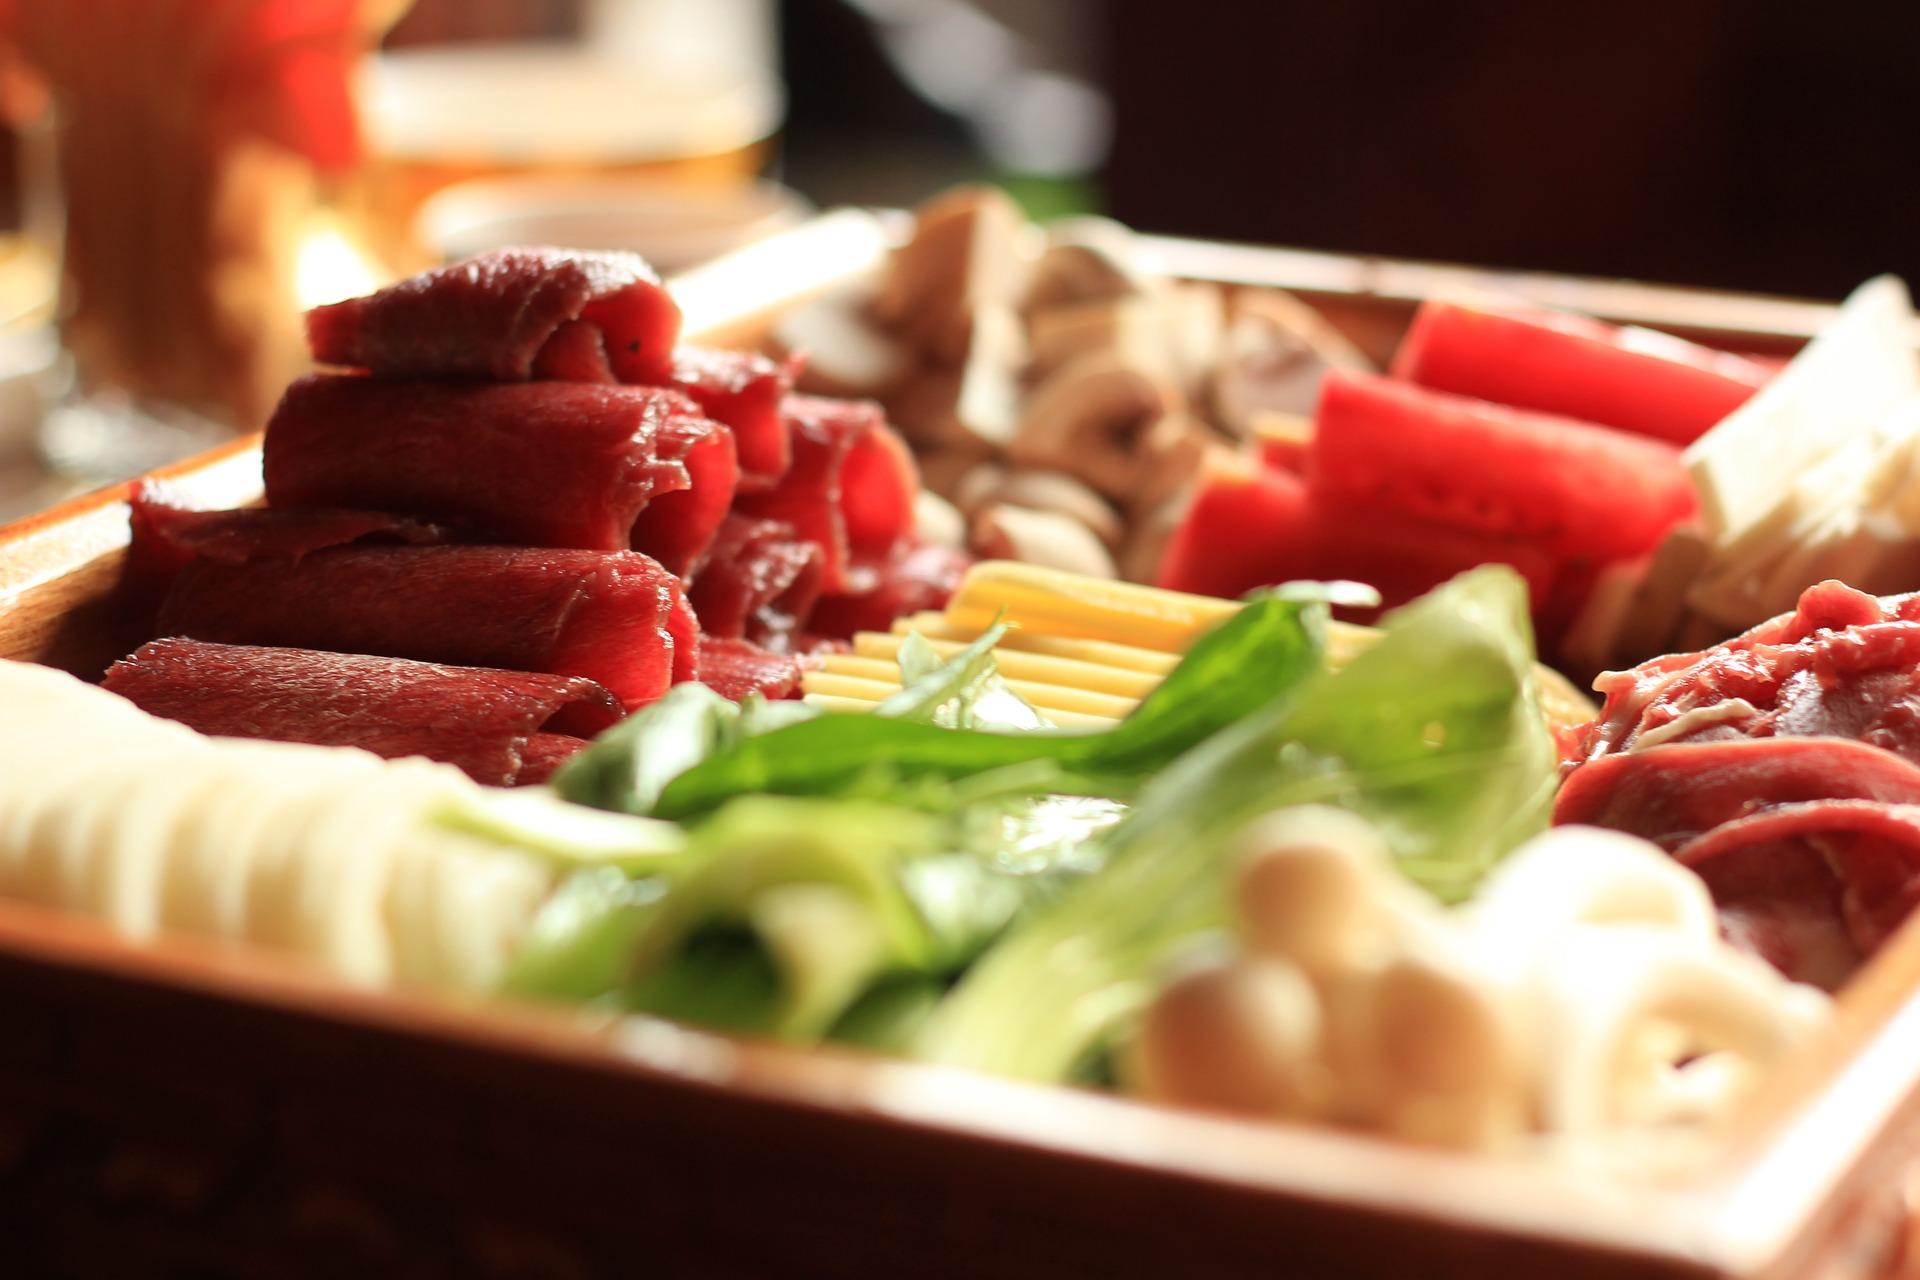 食物的烹调方式、饮食偏好、摄取的食物种类、肠道对营养物质的吸收能力、转化能力等,都会影响身高